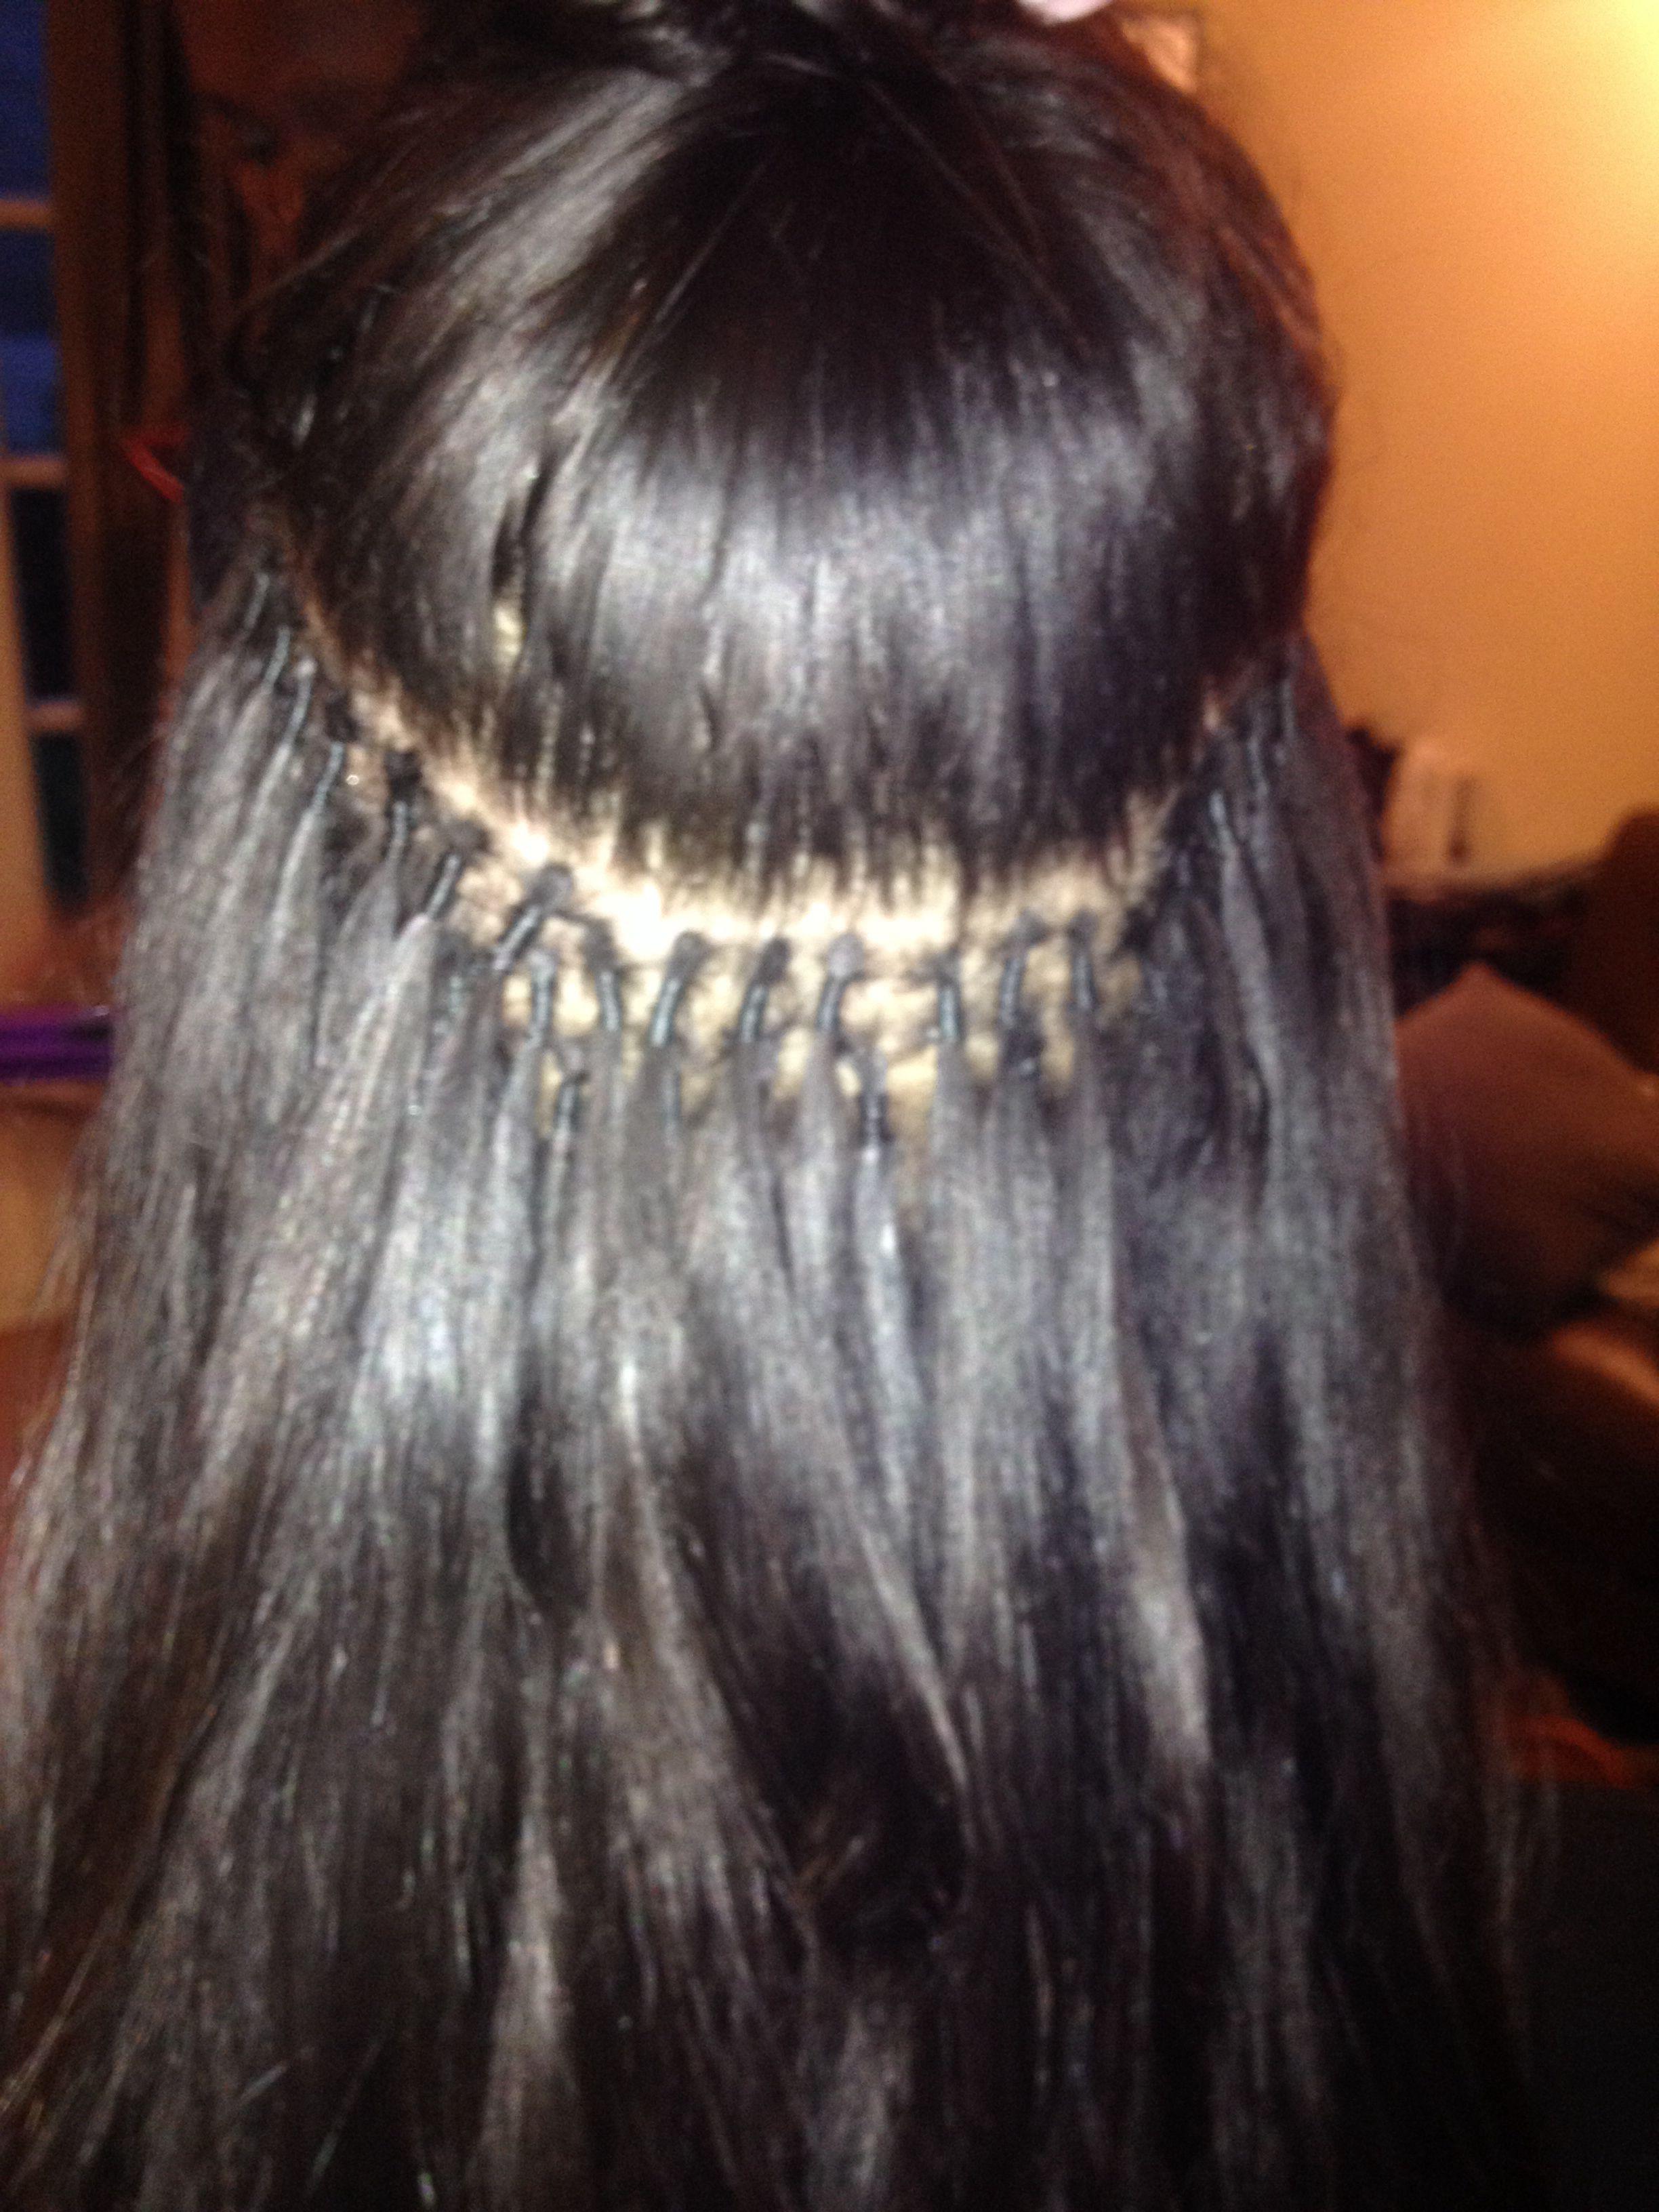 Brazilian knot hair extensions hair pinterest hair brazilian knot hair extensions pmusecretfo Gallery